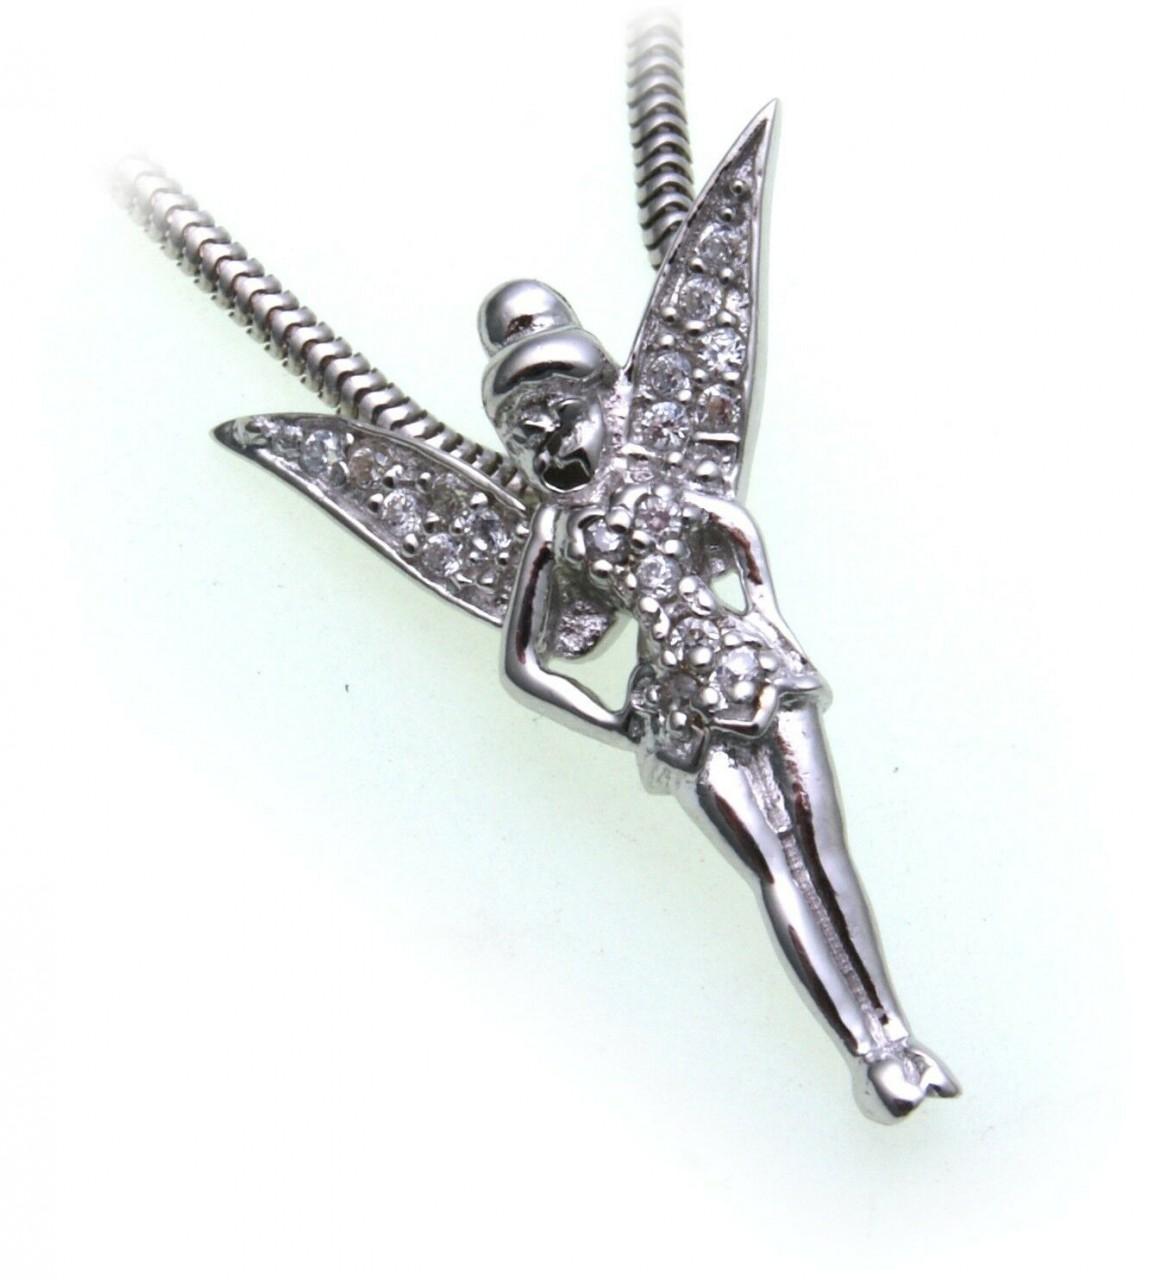 Anhänger Elfe echt Silber 925 Zirkonia Fee massiv rhod. Sterlingsilber Damen